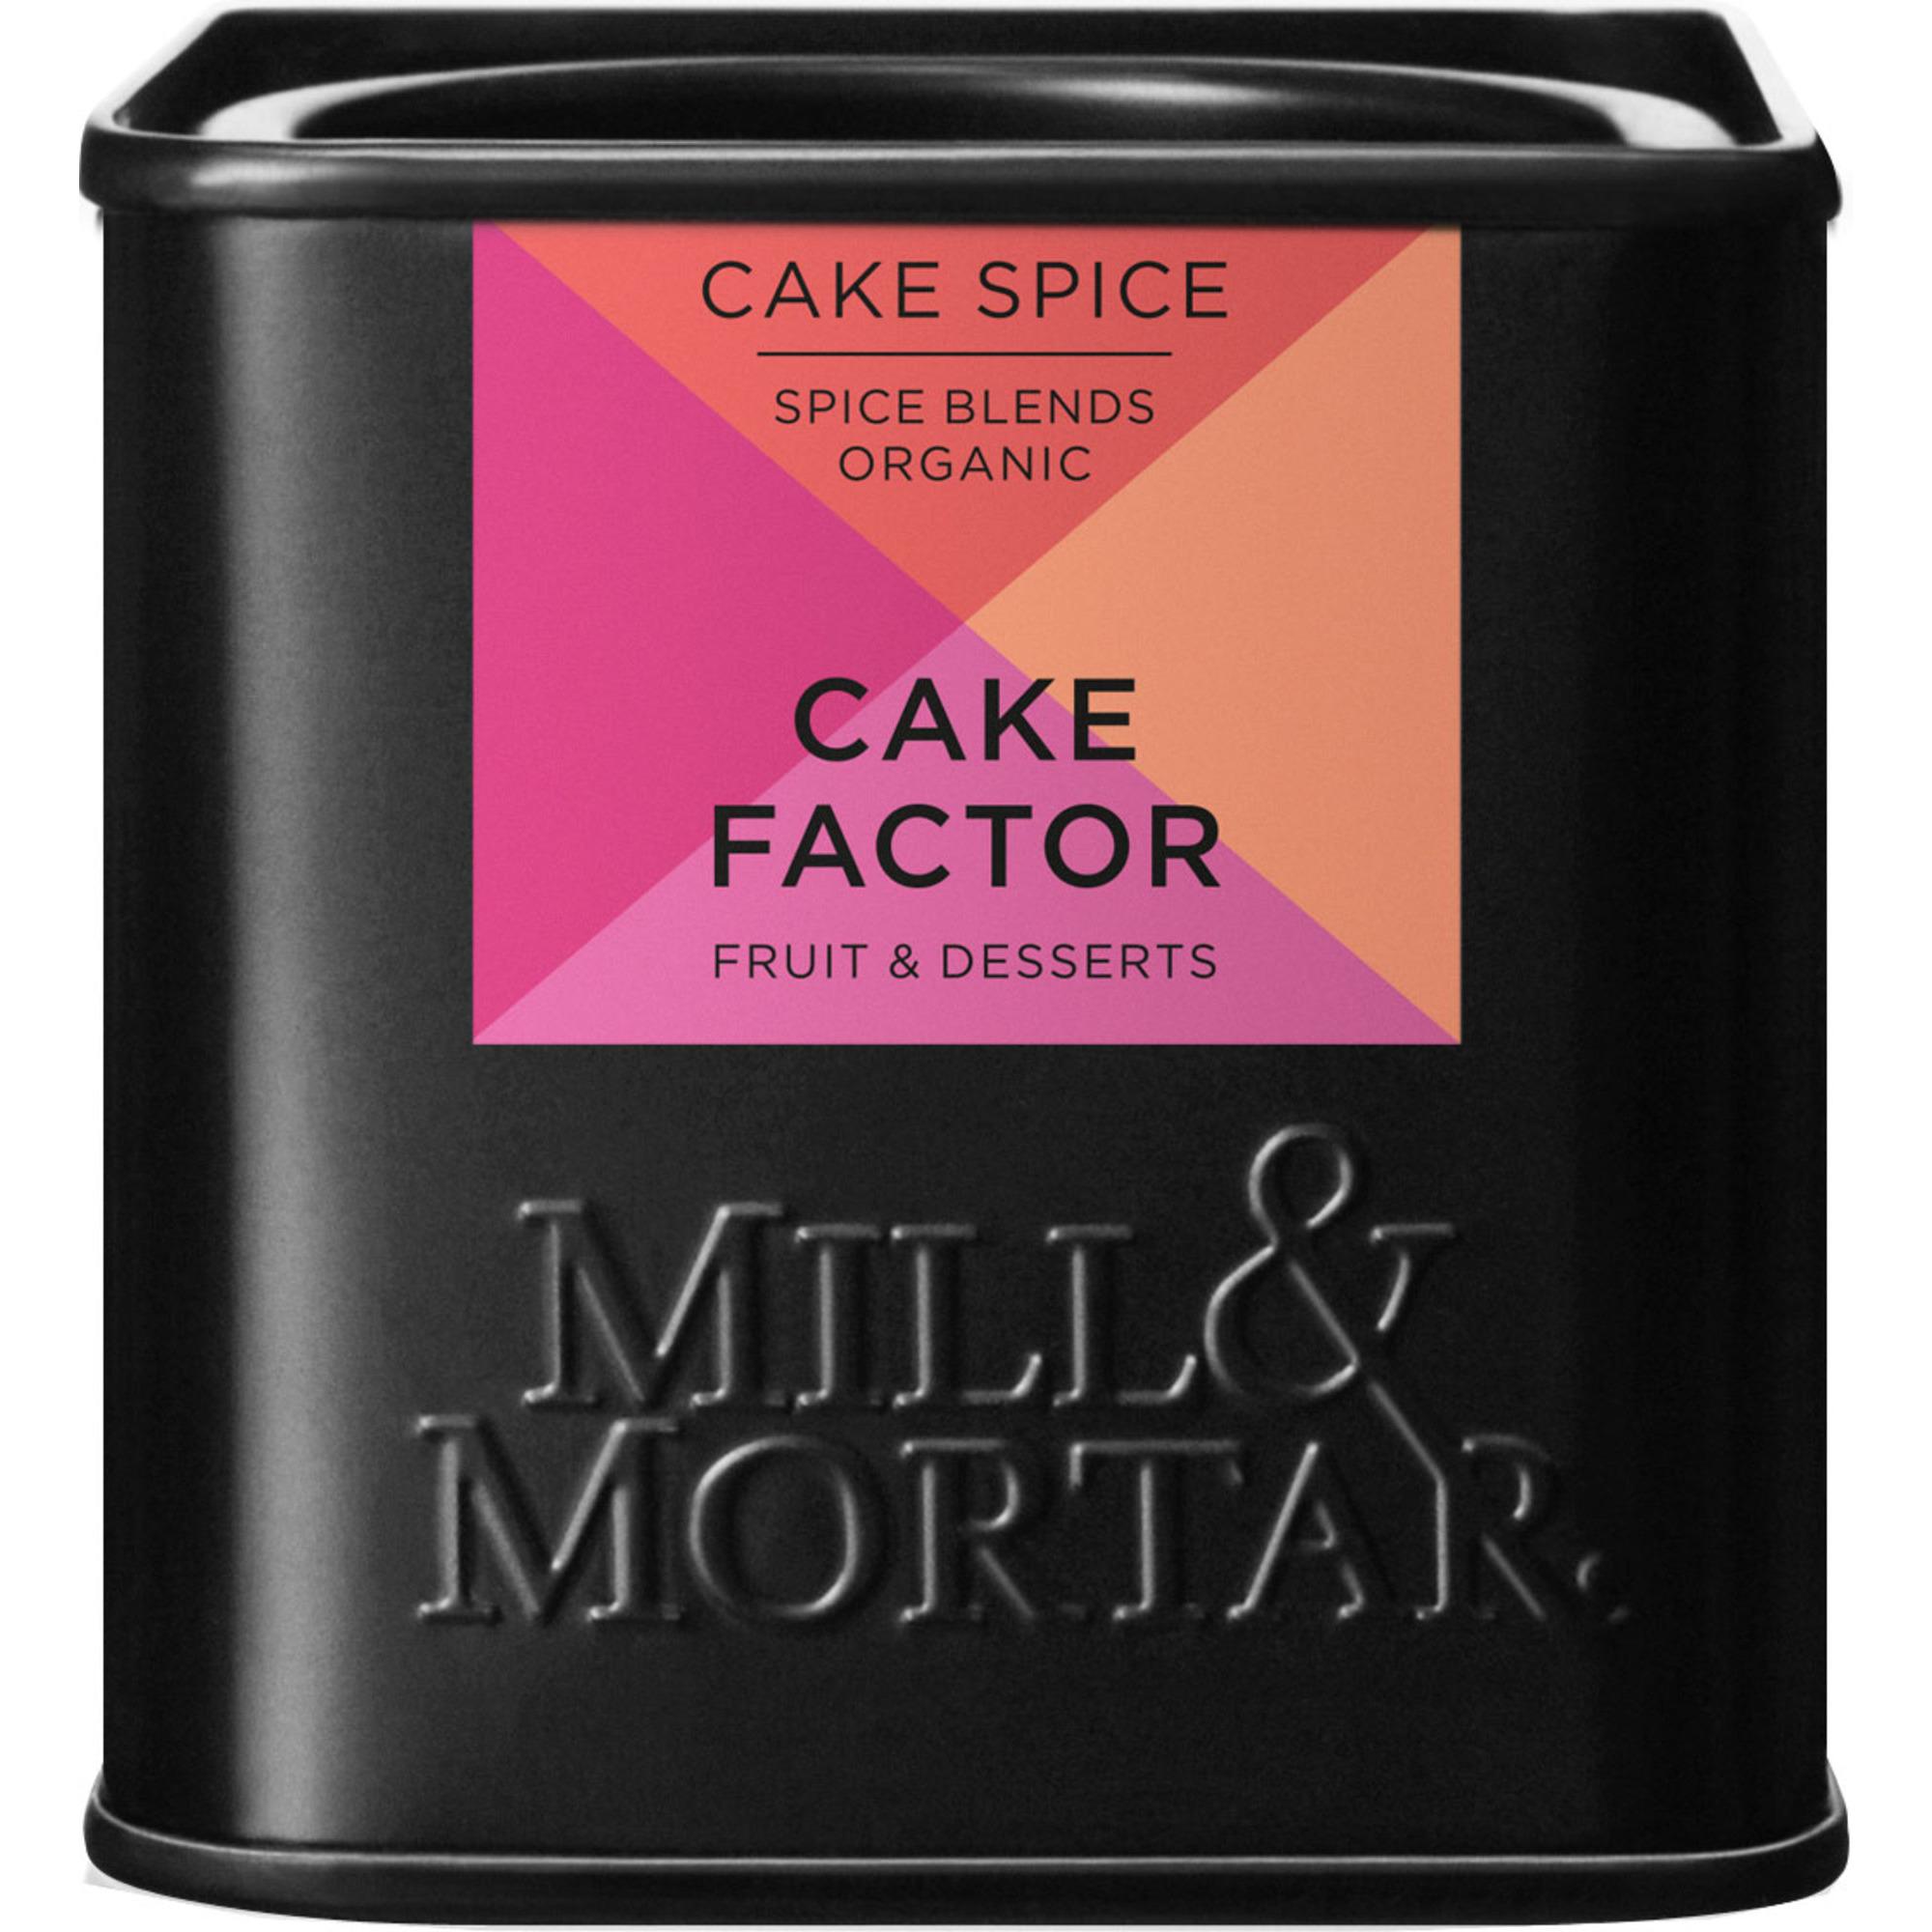 Mill & Mortar Ekologisk Cake Factor